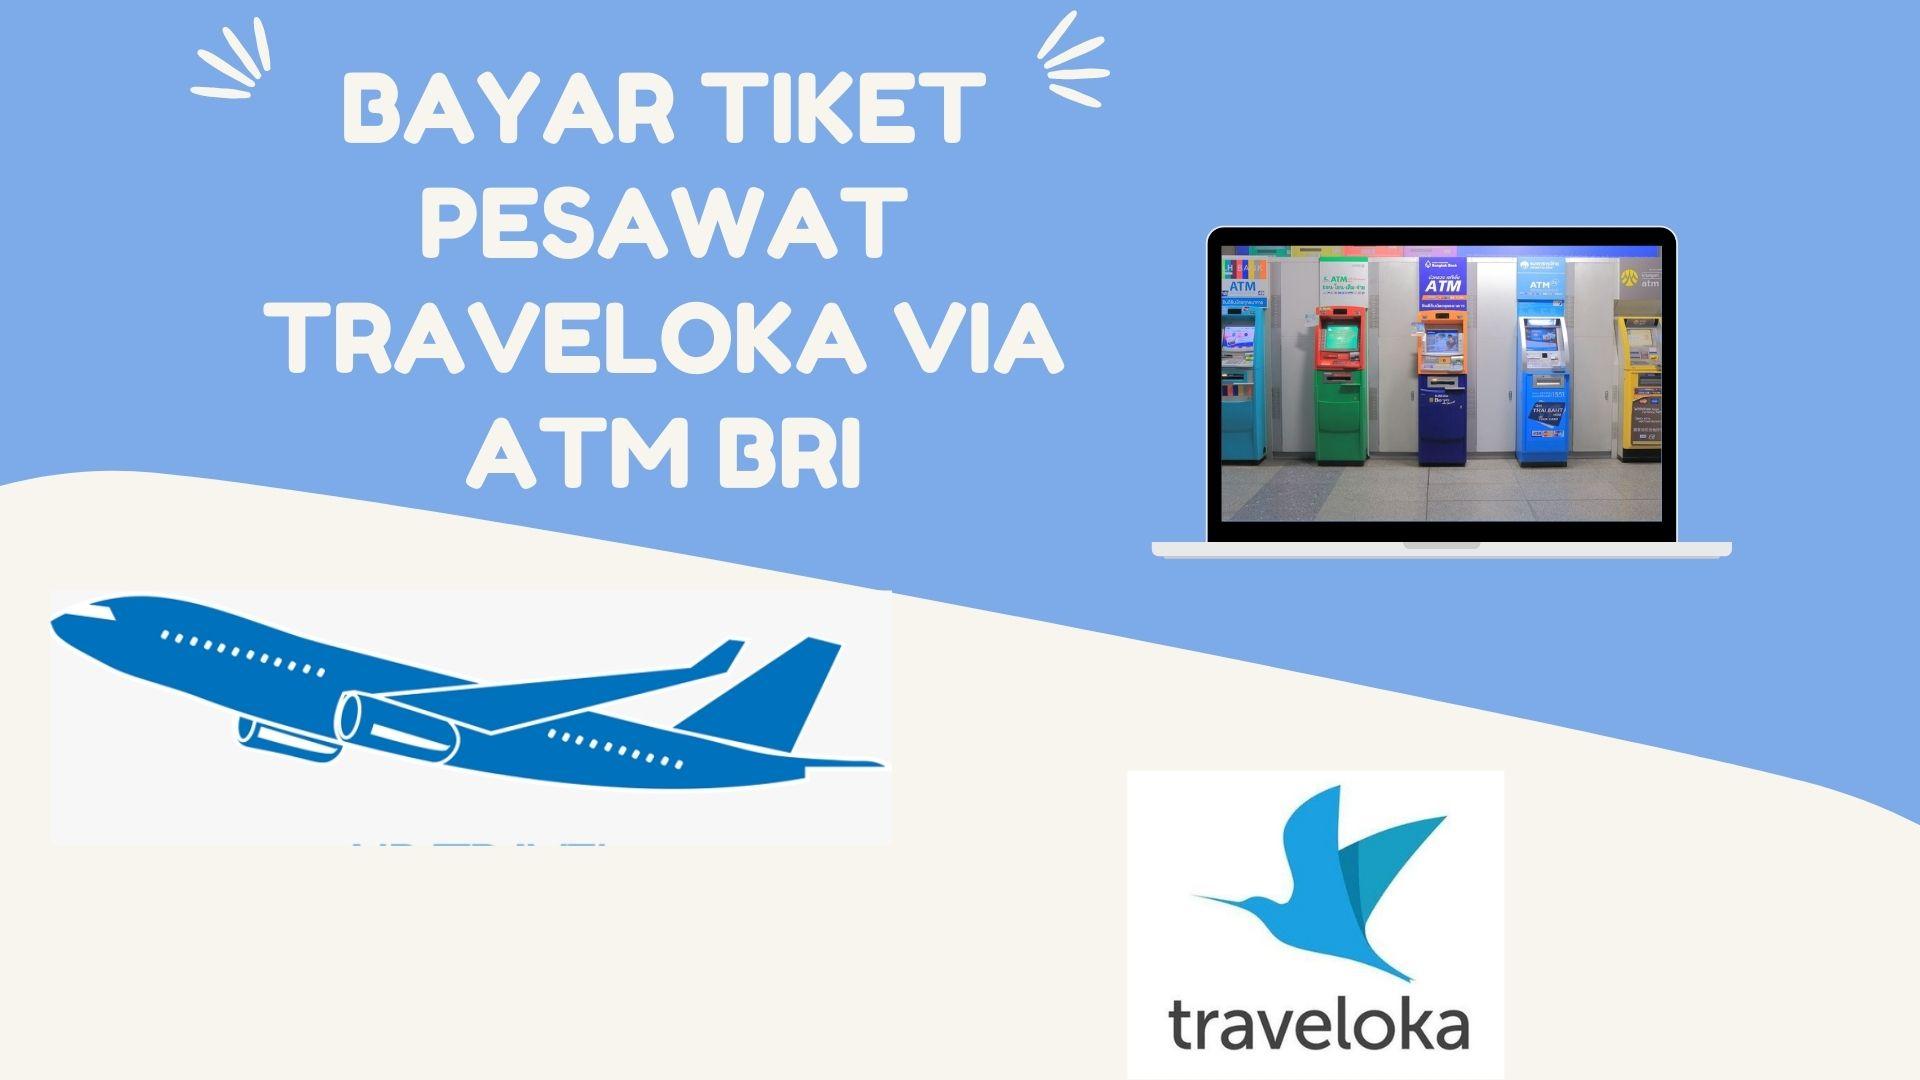 21 Cara Bayar Tiket Pesawat Traveloka Via Atm Bri